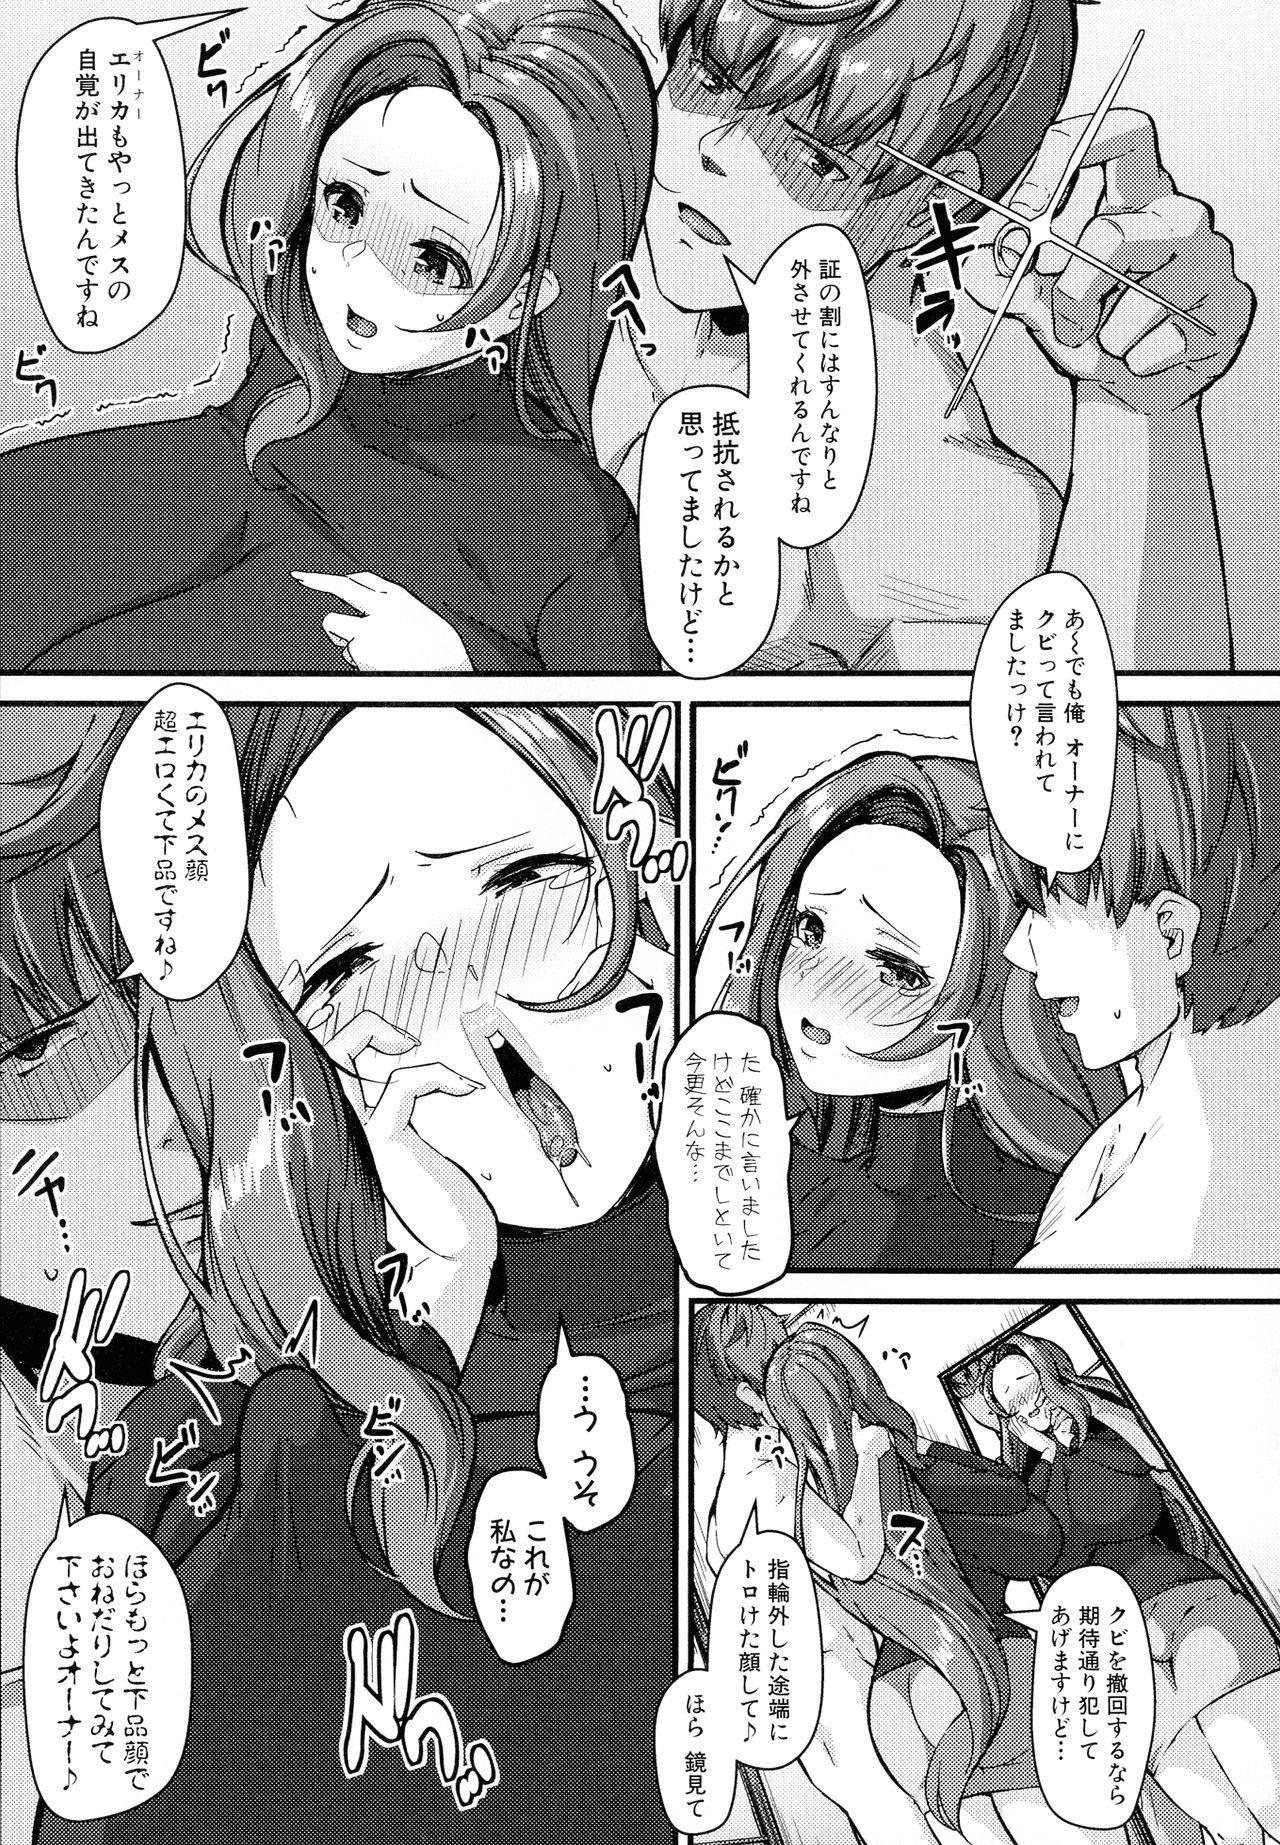 100% Maketa Watashi no Ana - Guchogucho ni Okashitekuru Aitsu no Kyokon 112